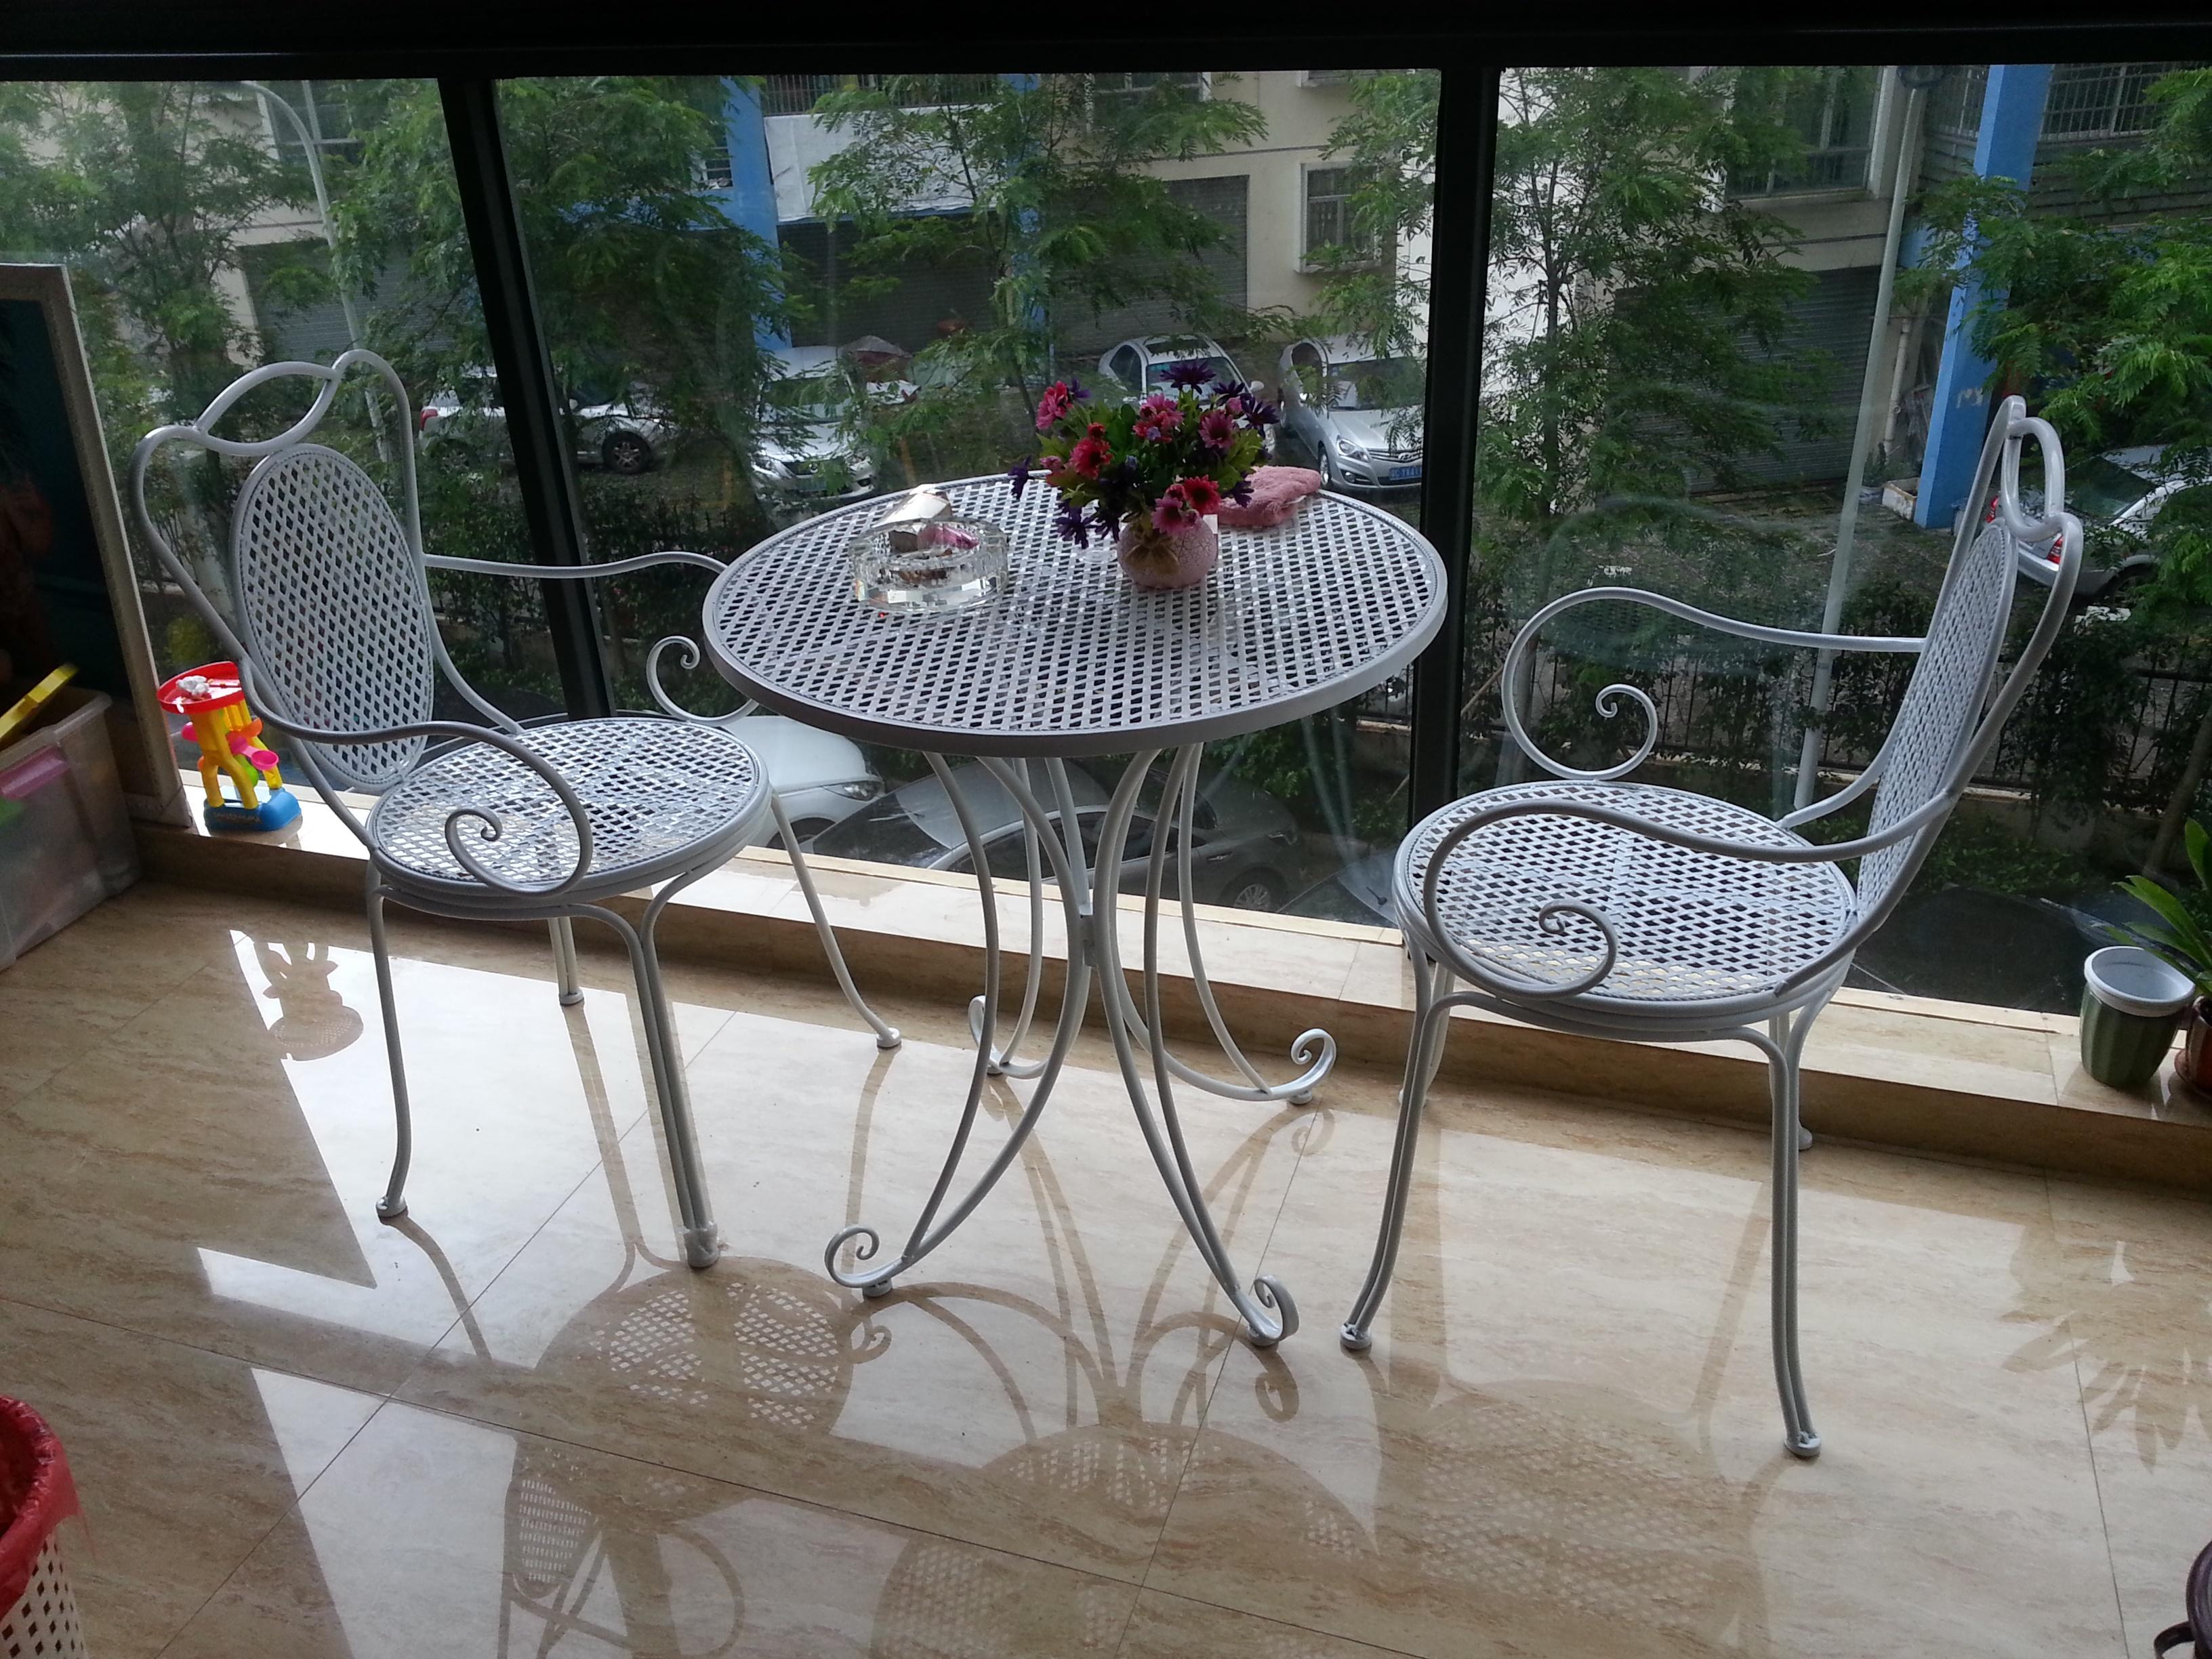 """Стол со стульями на балкон."""" - карточка пользователя бритьяк."""